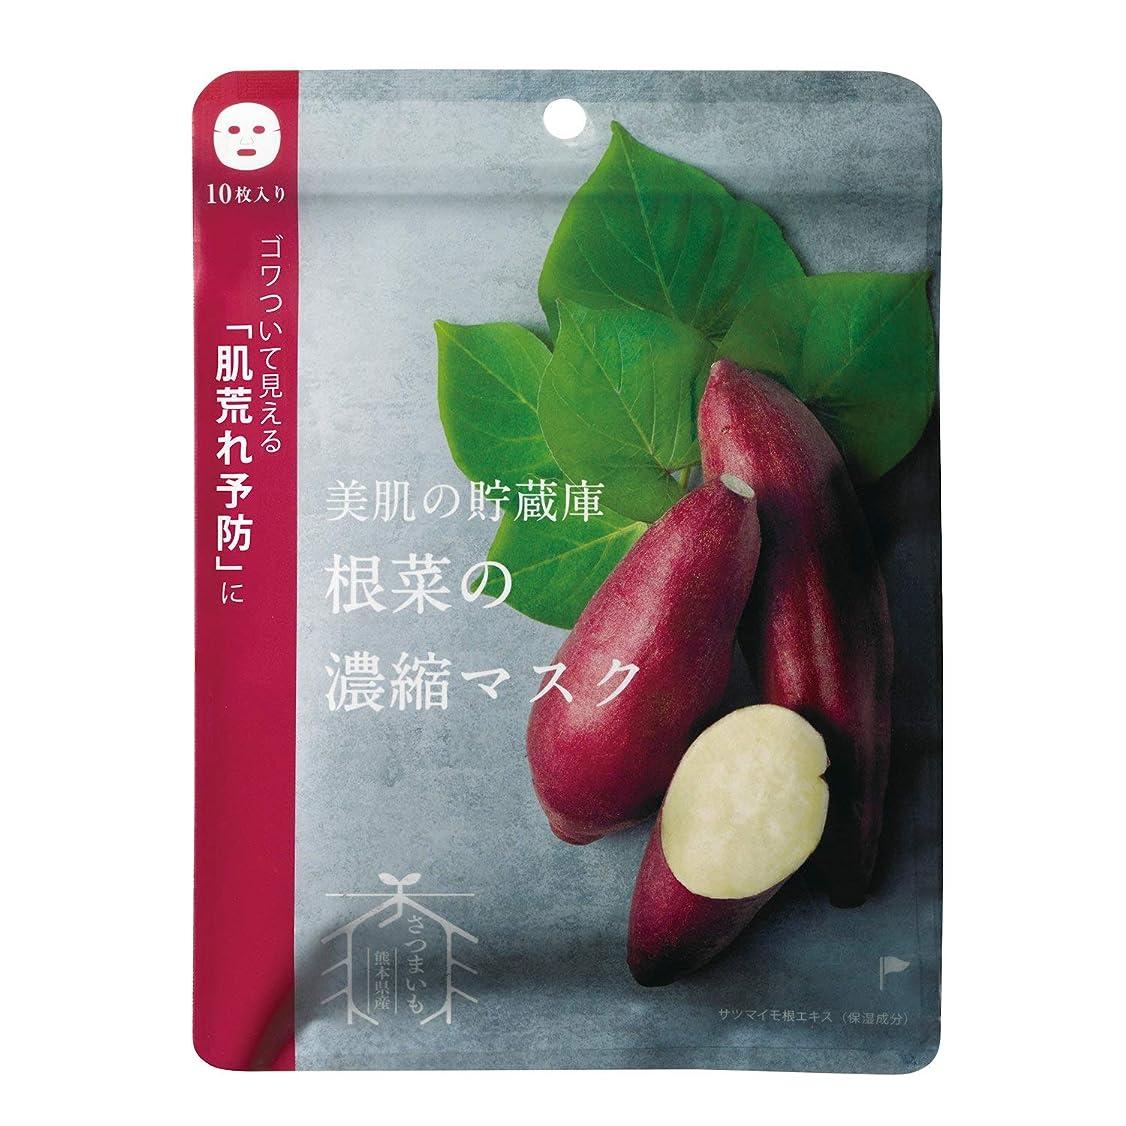 のホスト翻訳するクラフト@cosme nippon 美肌の貯蔵庫 根菜の濃縮マスク 安納いも 10枚 160ml